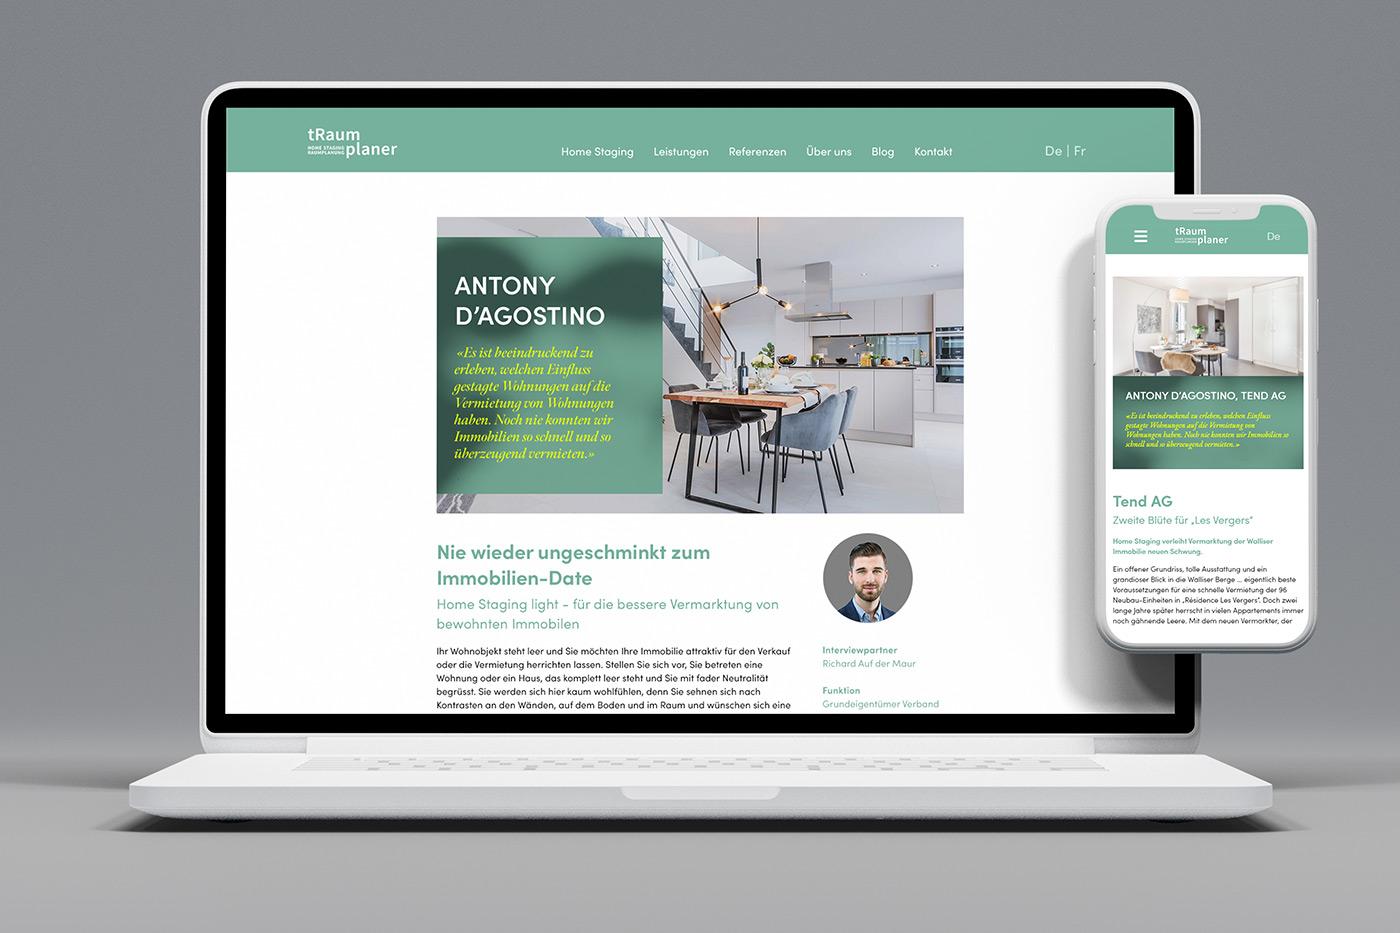 Webdesign und WordPress-Programmierung für Firma tRaumplaner GmbH aus der Schweiz